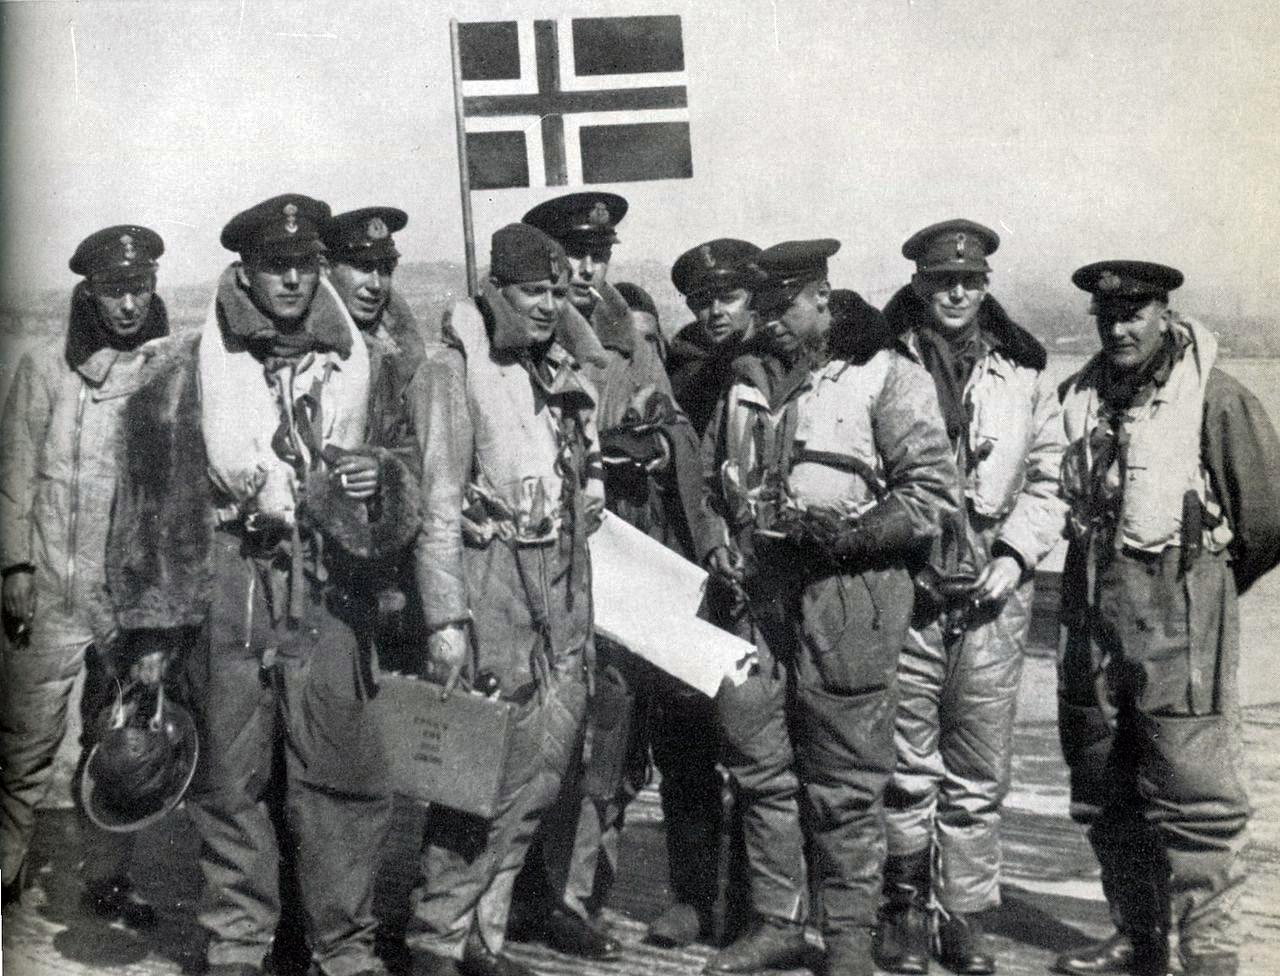 Nordahl Grieg, segundo por la derecha, miembro de la RAF durante la II Guerra Mundial.